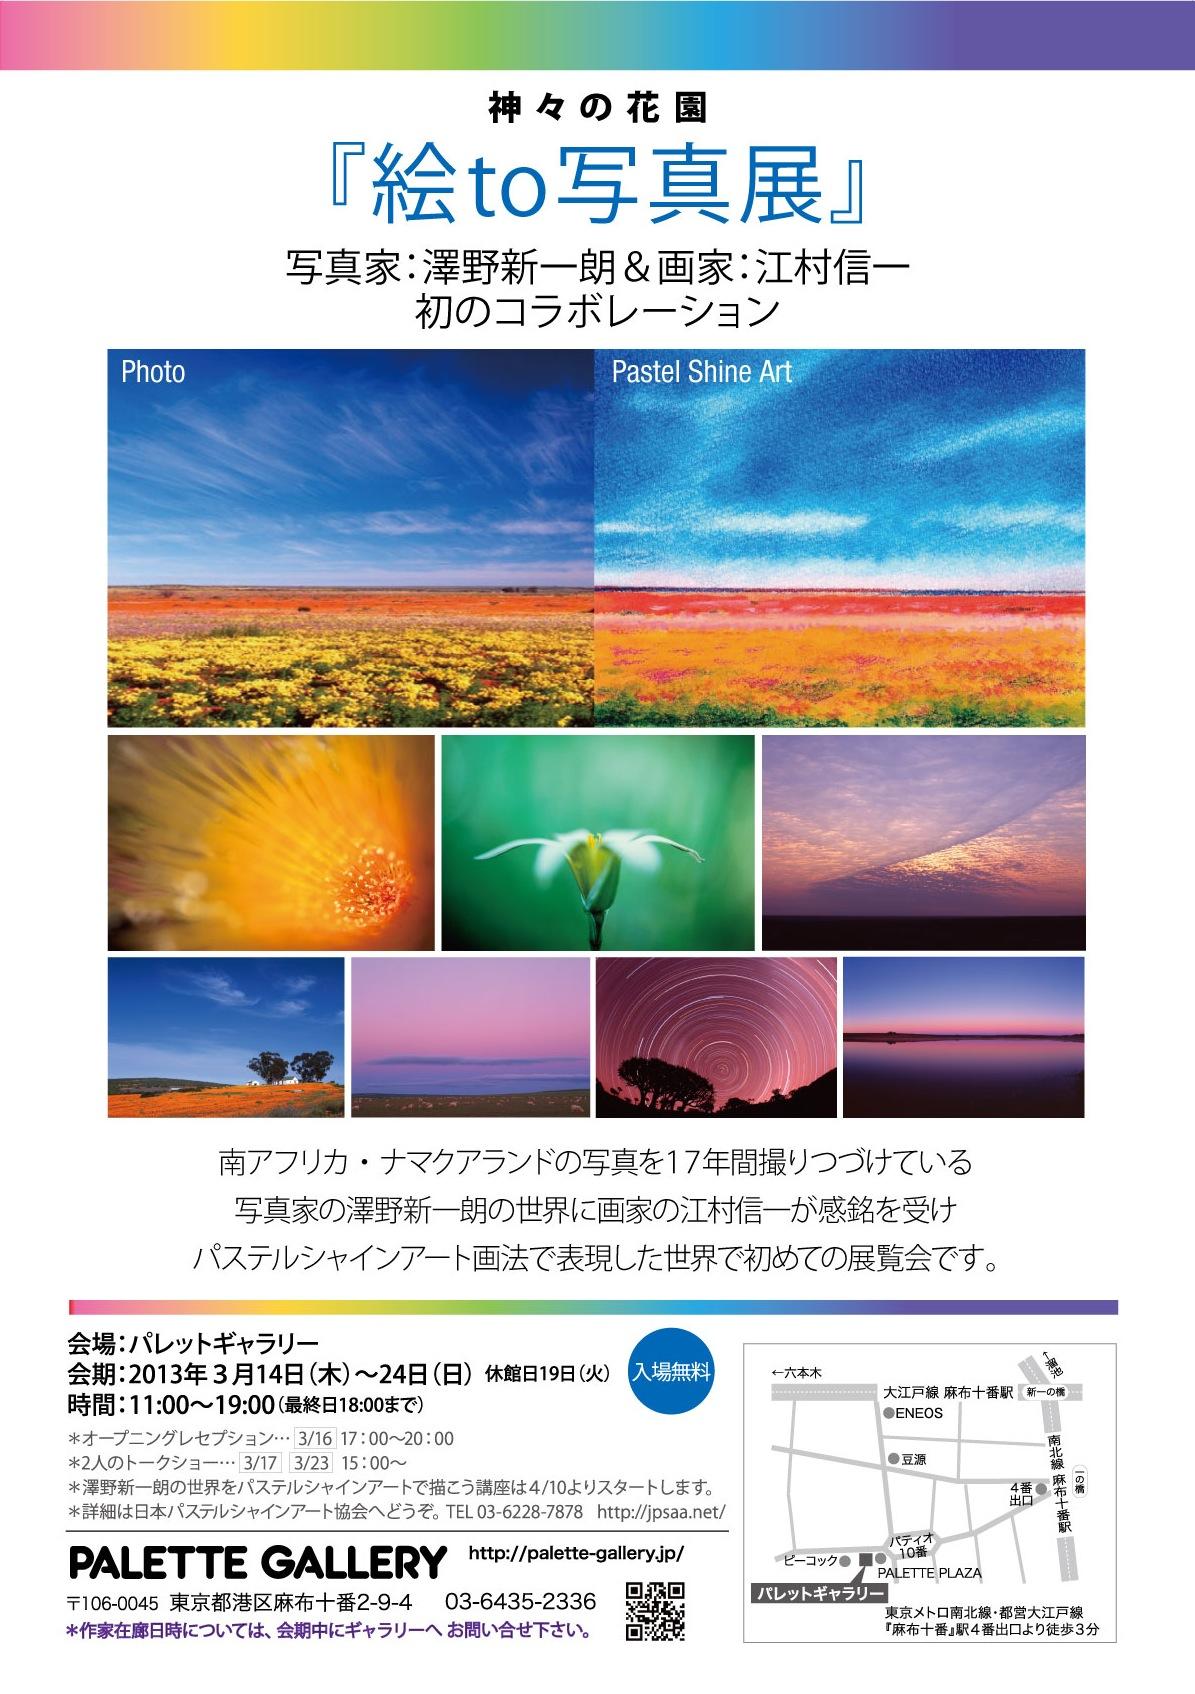 澤野新一朗との展示会『絵to写真展』3/14〜_e0082852_72645.jpg